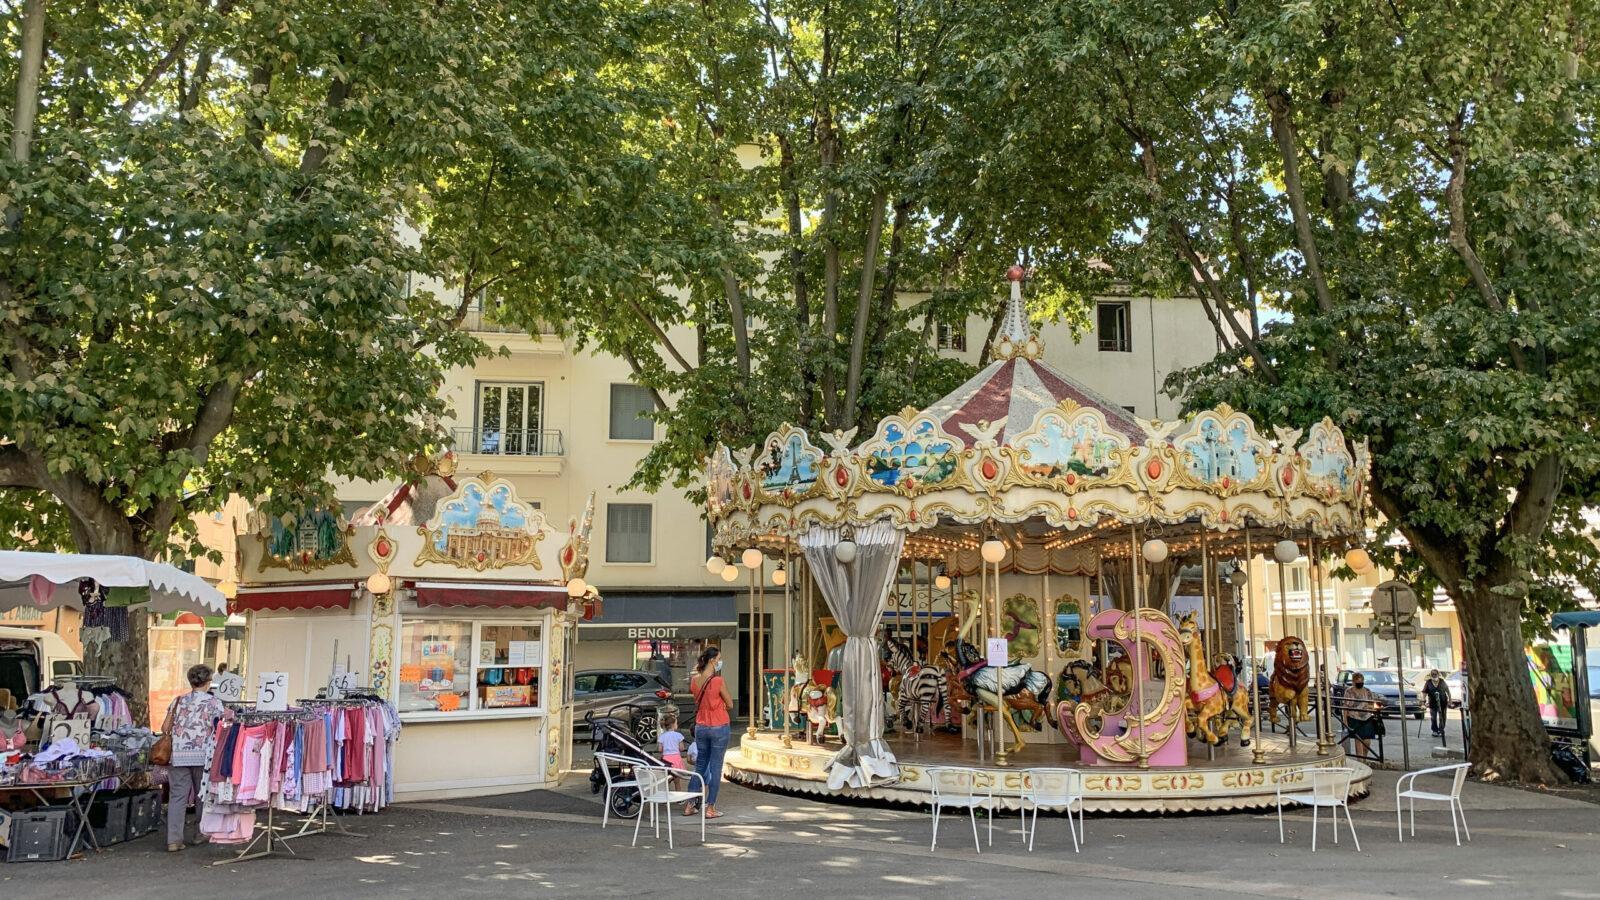 Alès: Vor der Markthalle von Alès dreht sich dieses nostalgische Karussell. Foto: Hilke Maunder